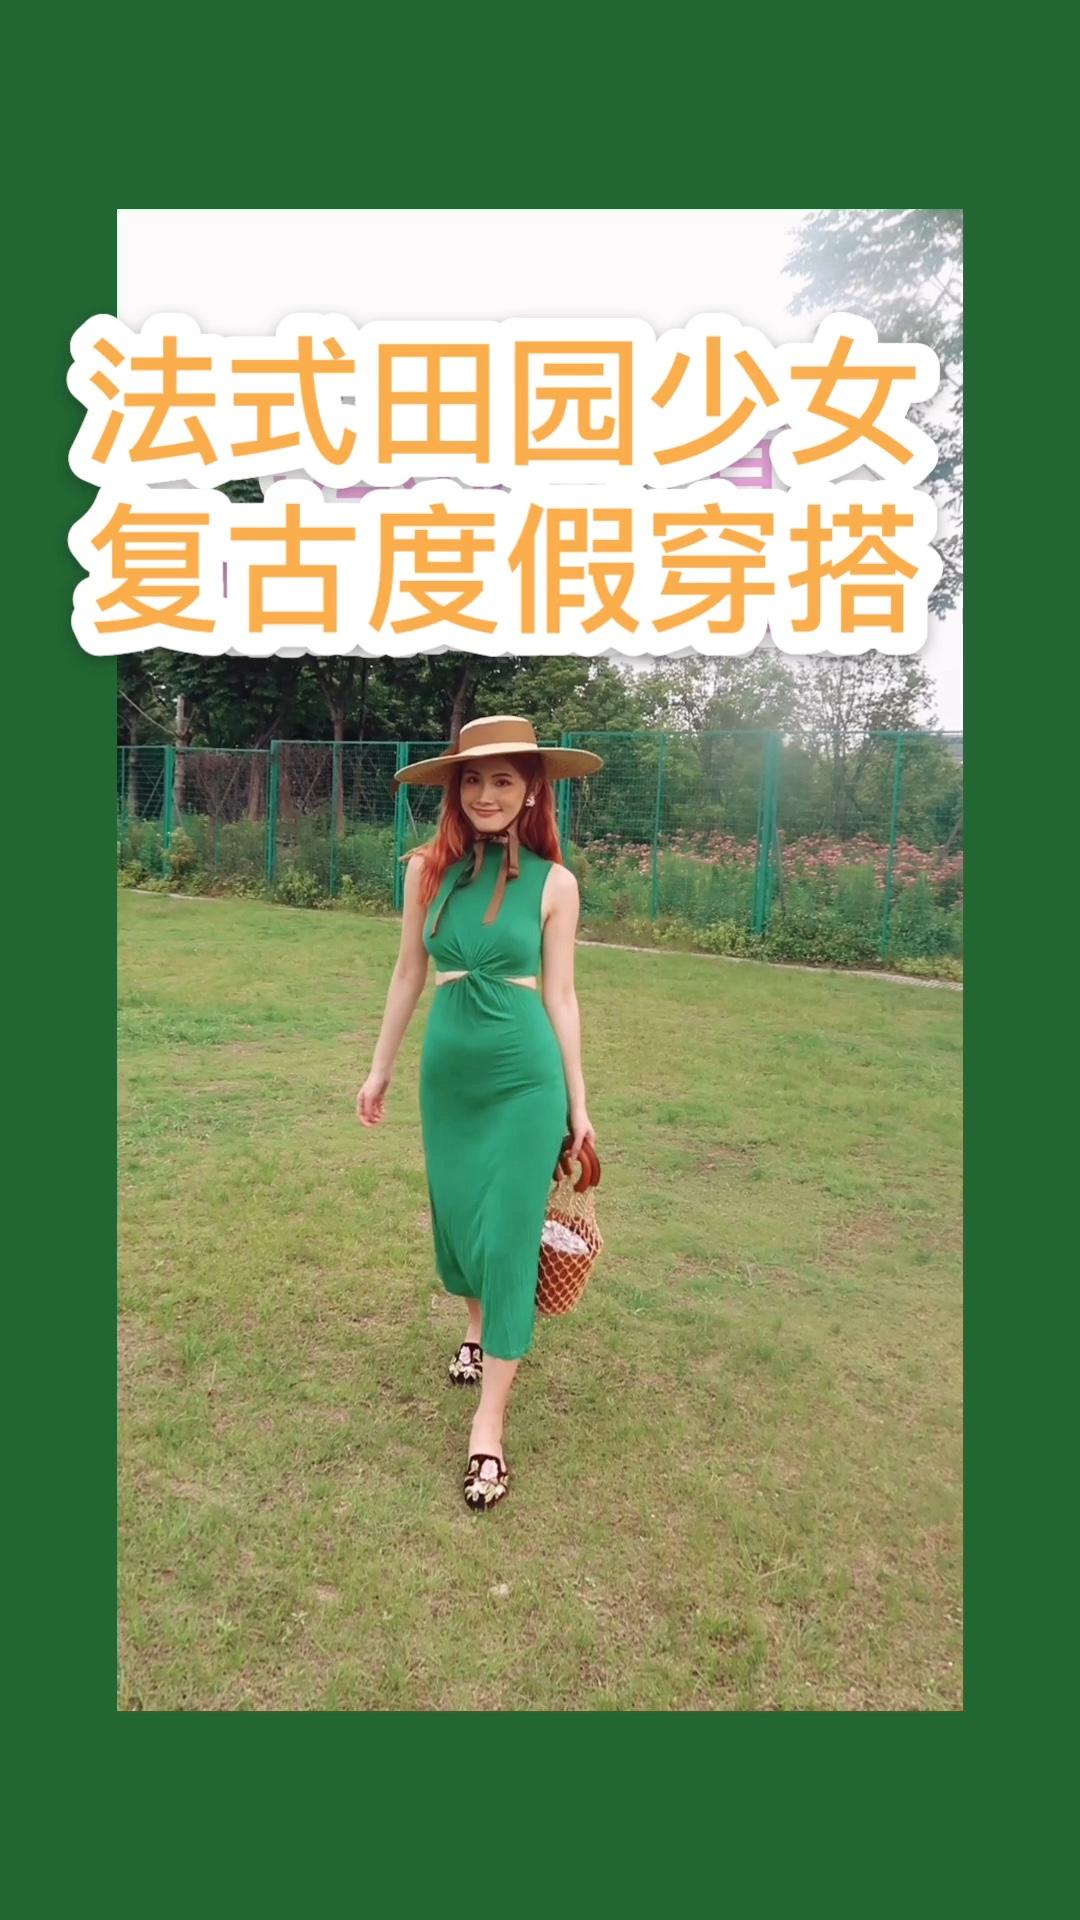 #夏日水果色上身,我超甜#绿色连衣裙优雅知性~搭配平顶草帽和简爱帽都好看又复古,甜甜的恋爱一手可得~ 全网最爱的绿色连衣裙,我可以!